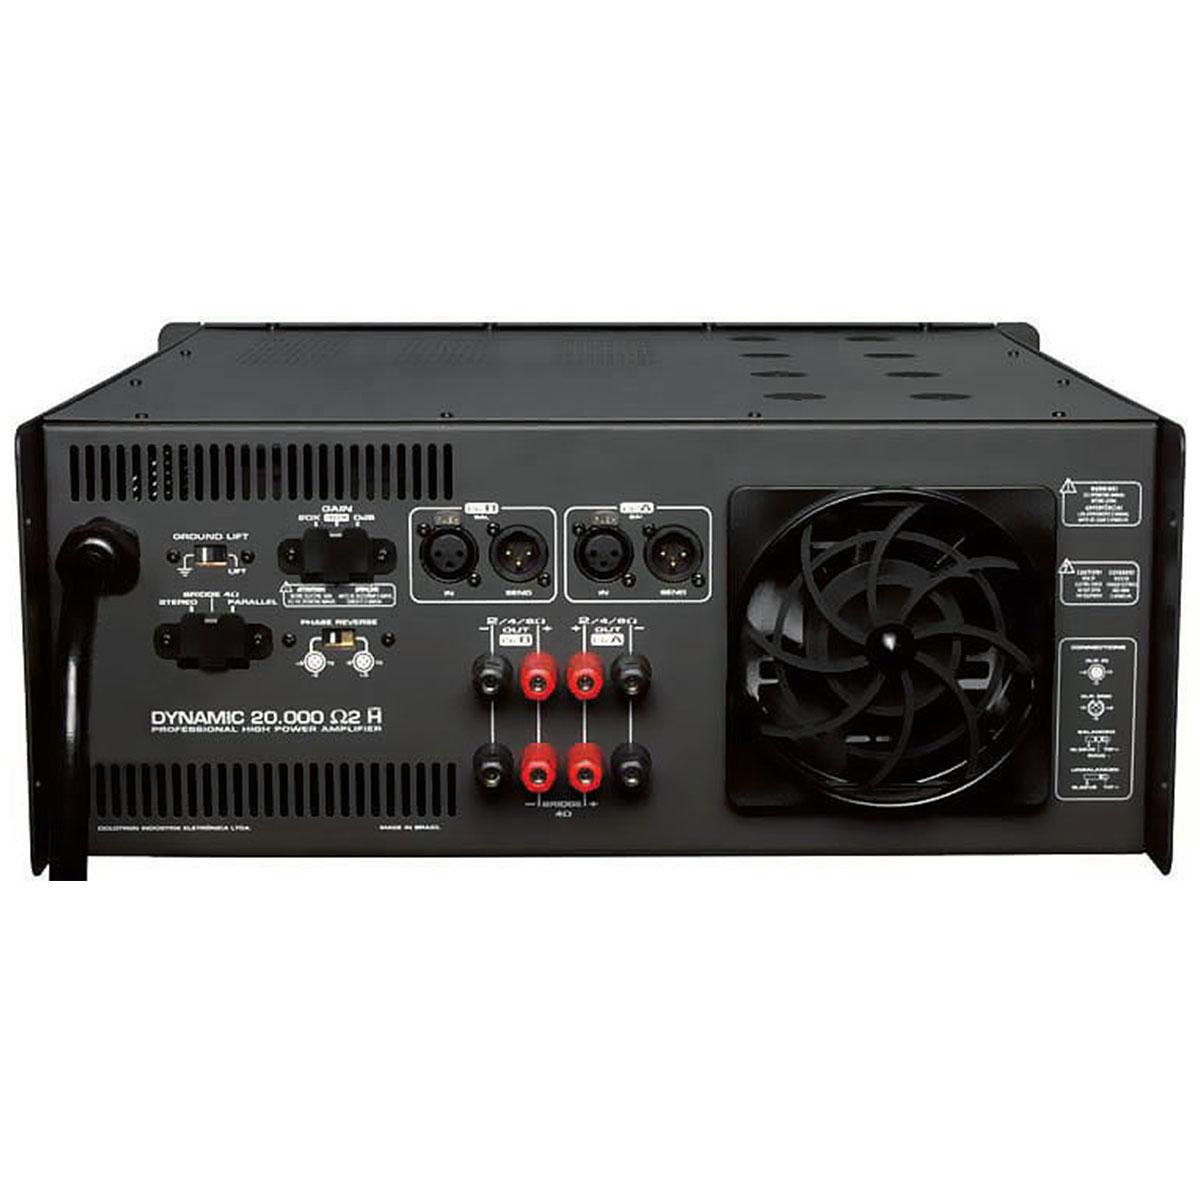 Amplificador Estéreo 2 Canais 5000W RMS ( Total ) Dynamic 20000 2 Ohms H - Ciclotron